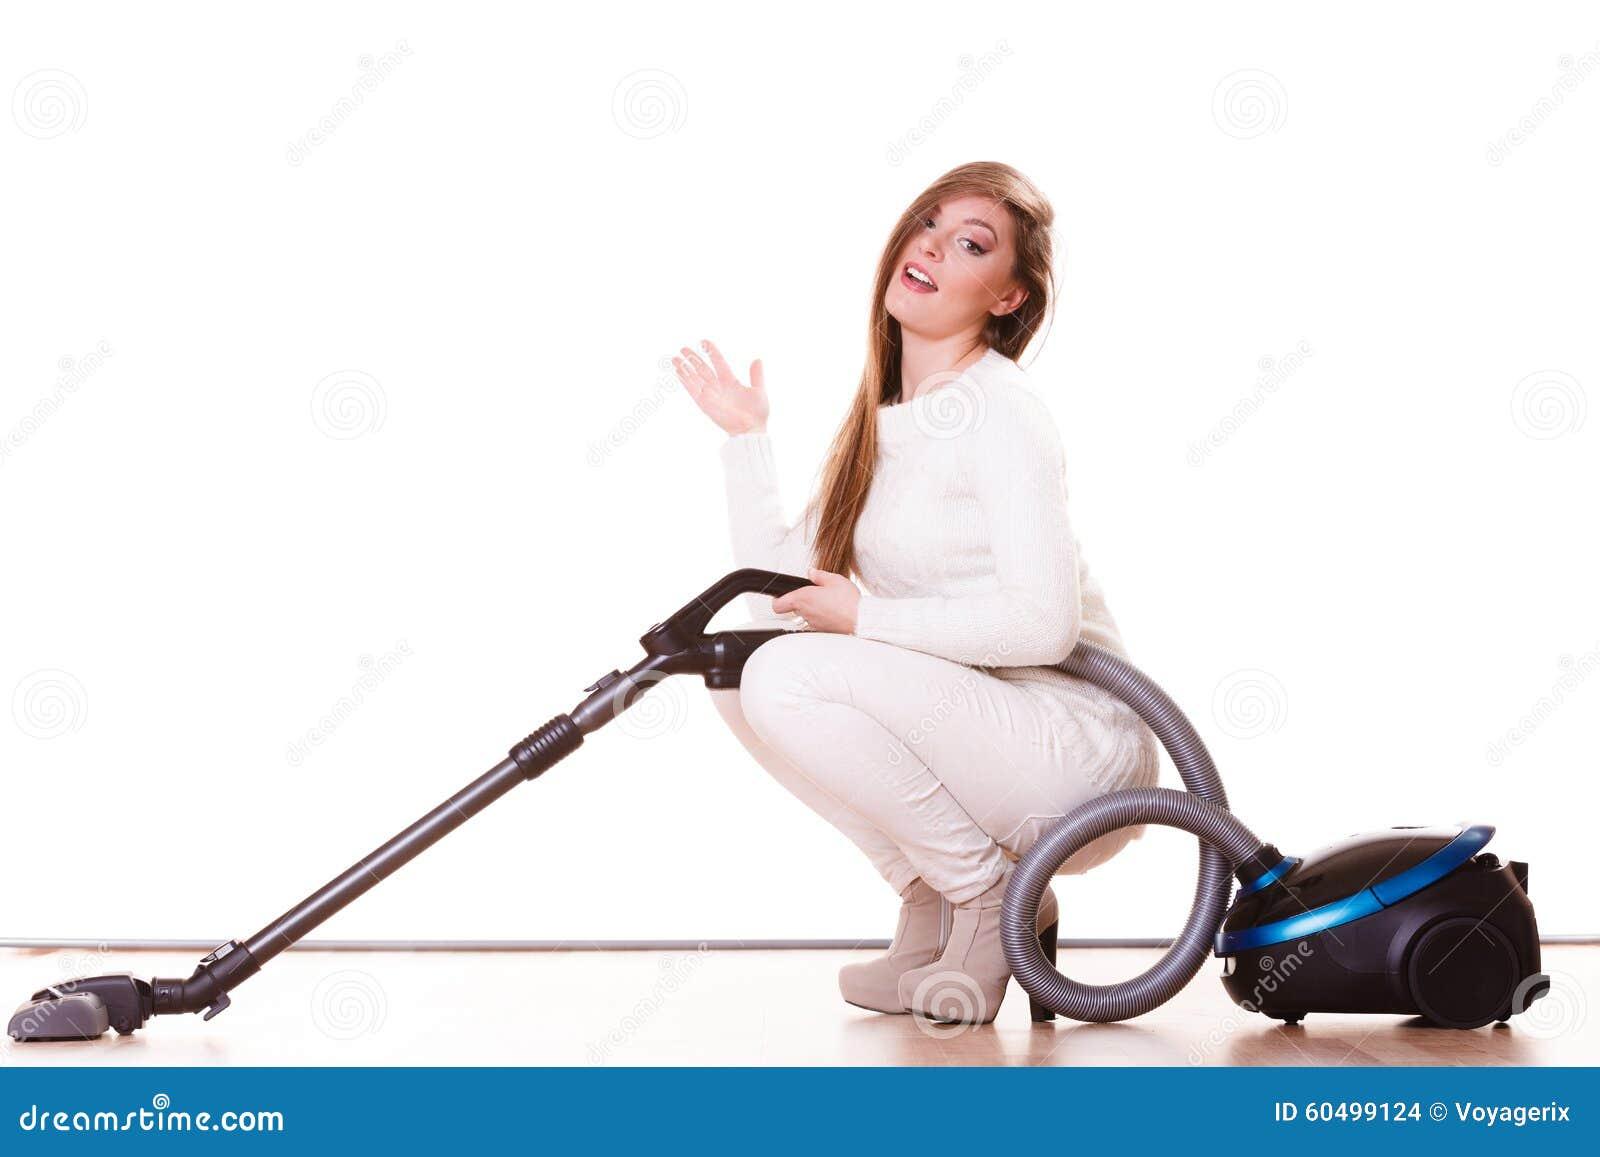 Vacuuming sexy woman